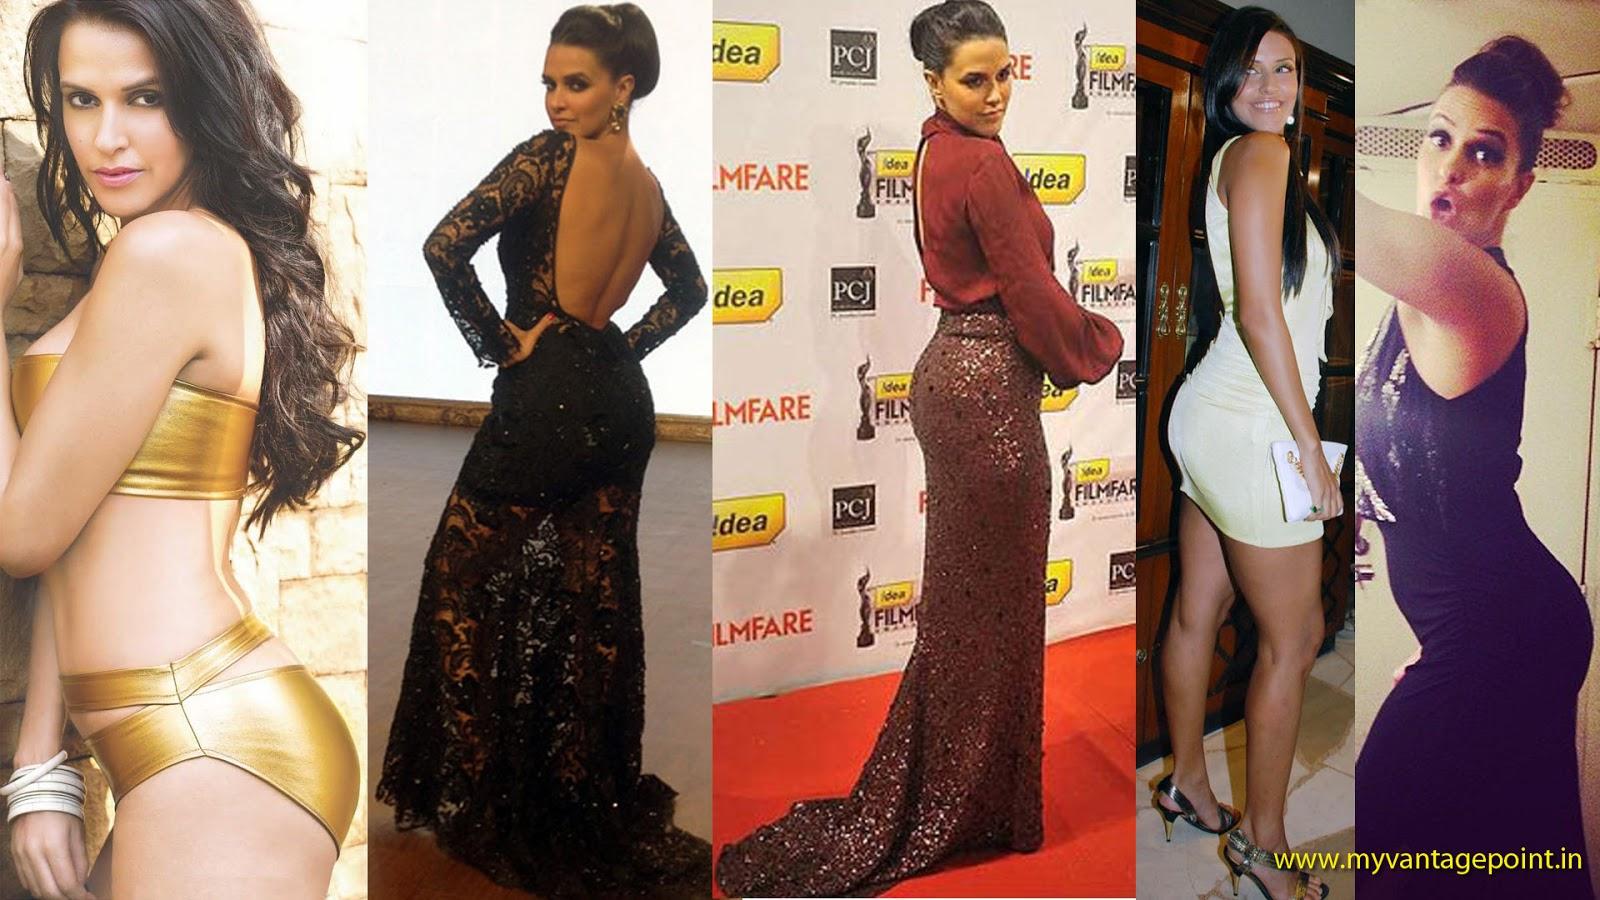 Neha Dhupia hot, Neha Dhupia sexy, Neha Dhupia HD wallpaper, Neha Dhupia Spicy Photos, Neha Dhupia backless, Neha Dhupia sexy back, Neha Dhupia backshow, Neha Dhupia thunder thighs, Neha Dhupia in tight dress, Neha Dhupia in short dress, Neha Dhupia best hot HD wallpaper